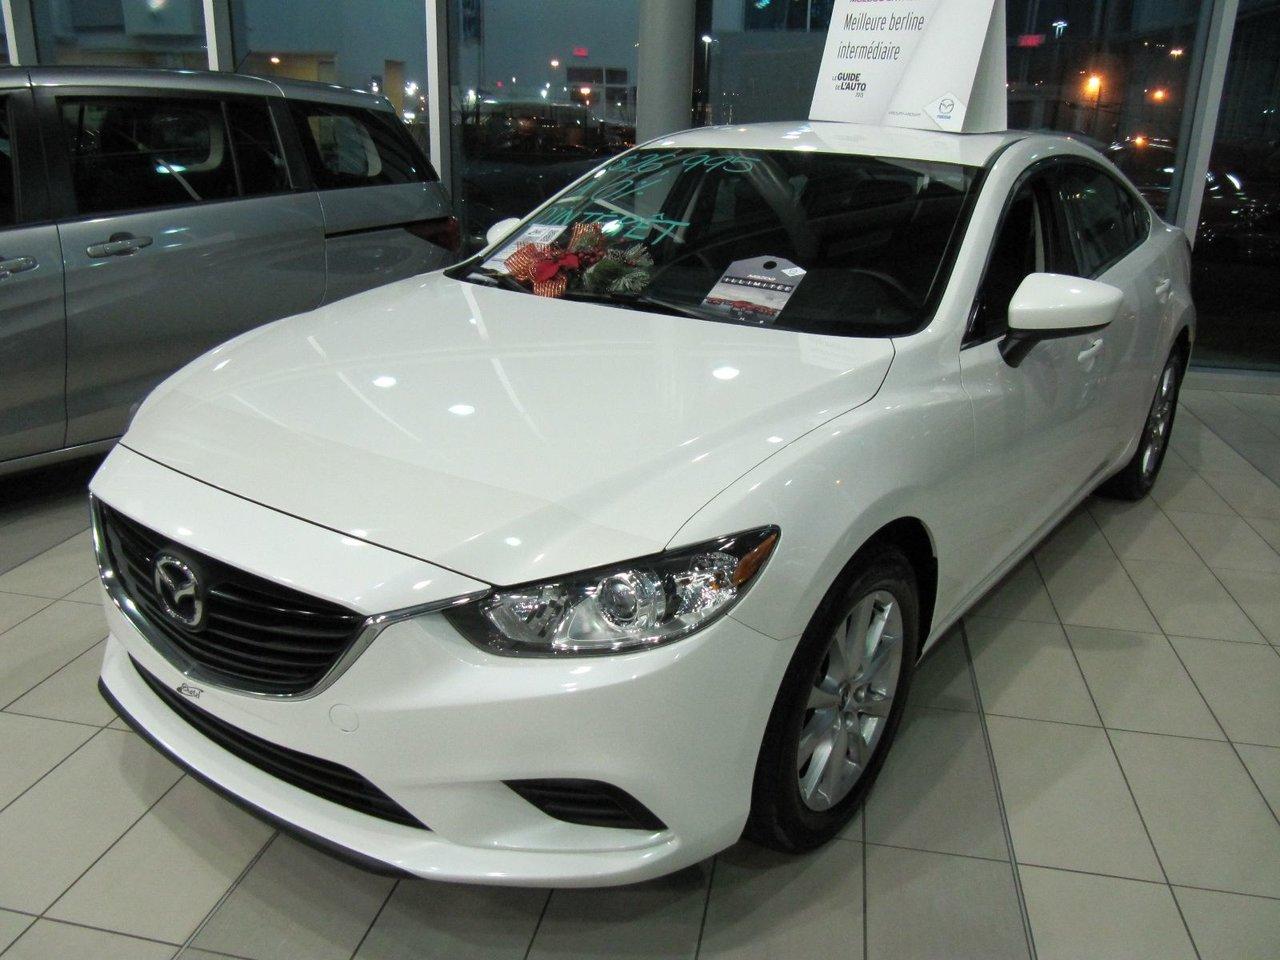 St Foy Toyota >> Occasion en Or - Inventaire de véhicules usagés de Mazda ...